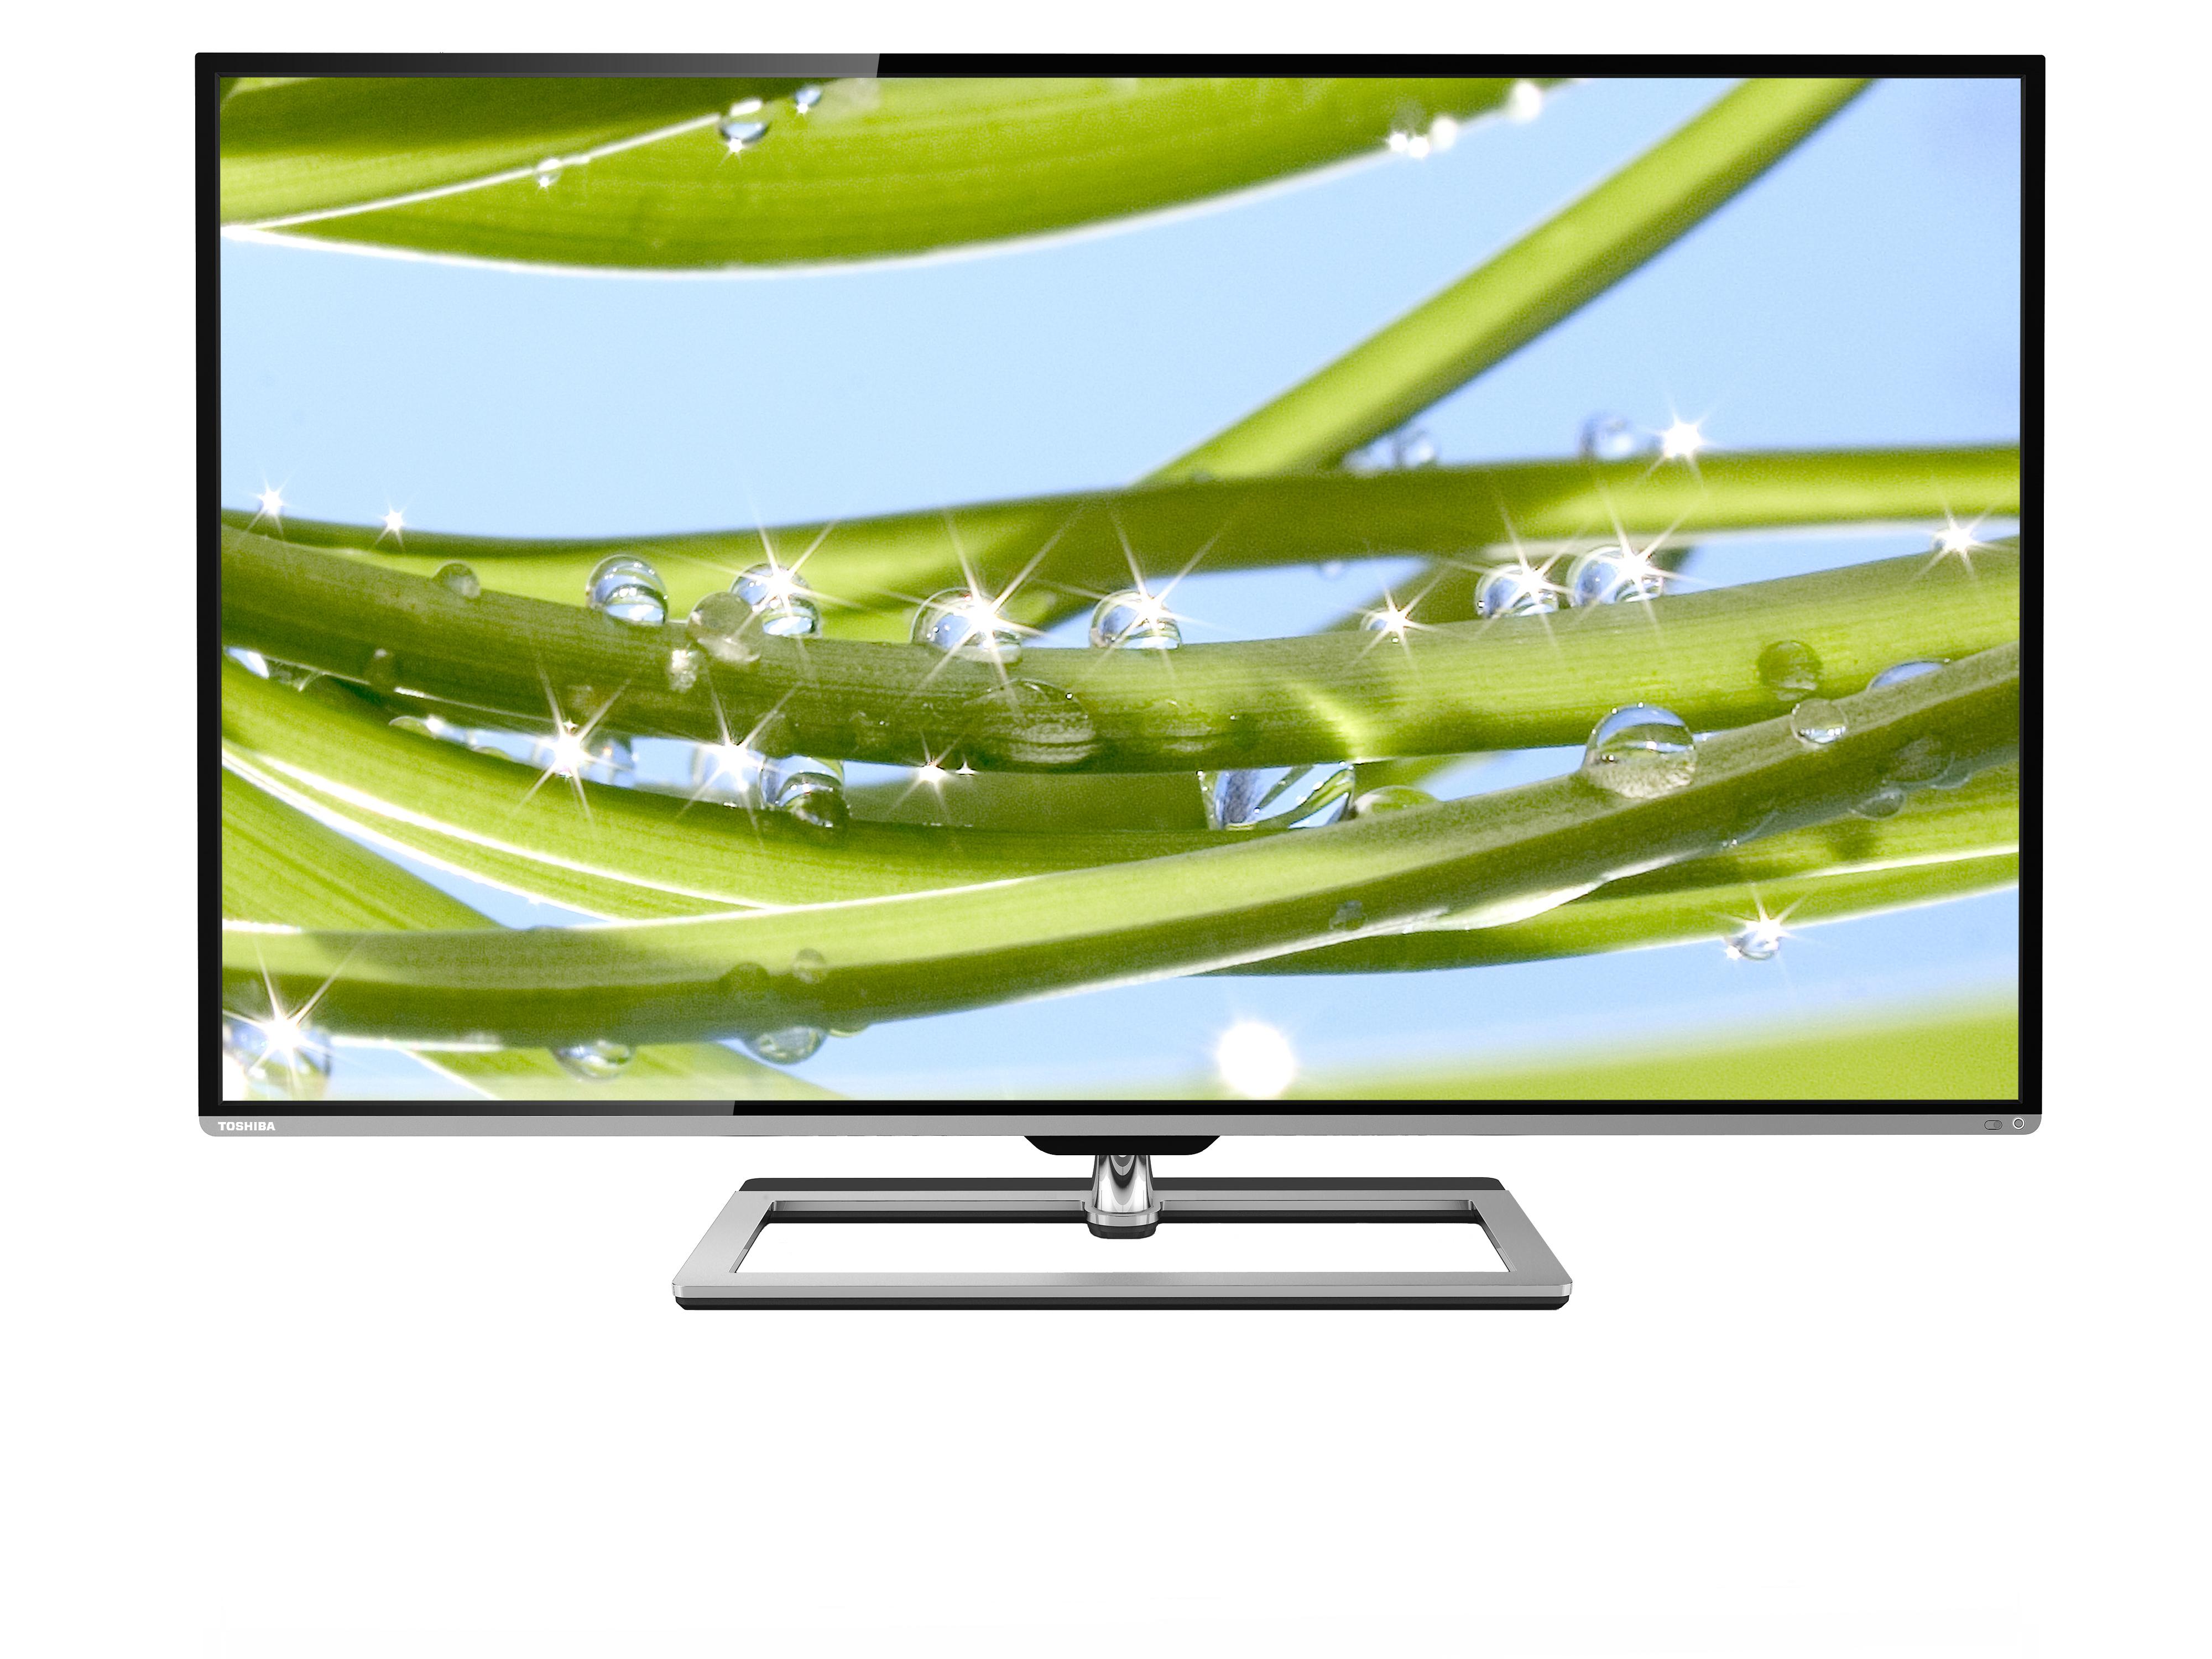 Toshiba rezygnuje z telewizorów